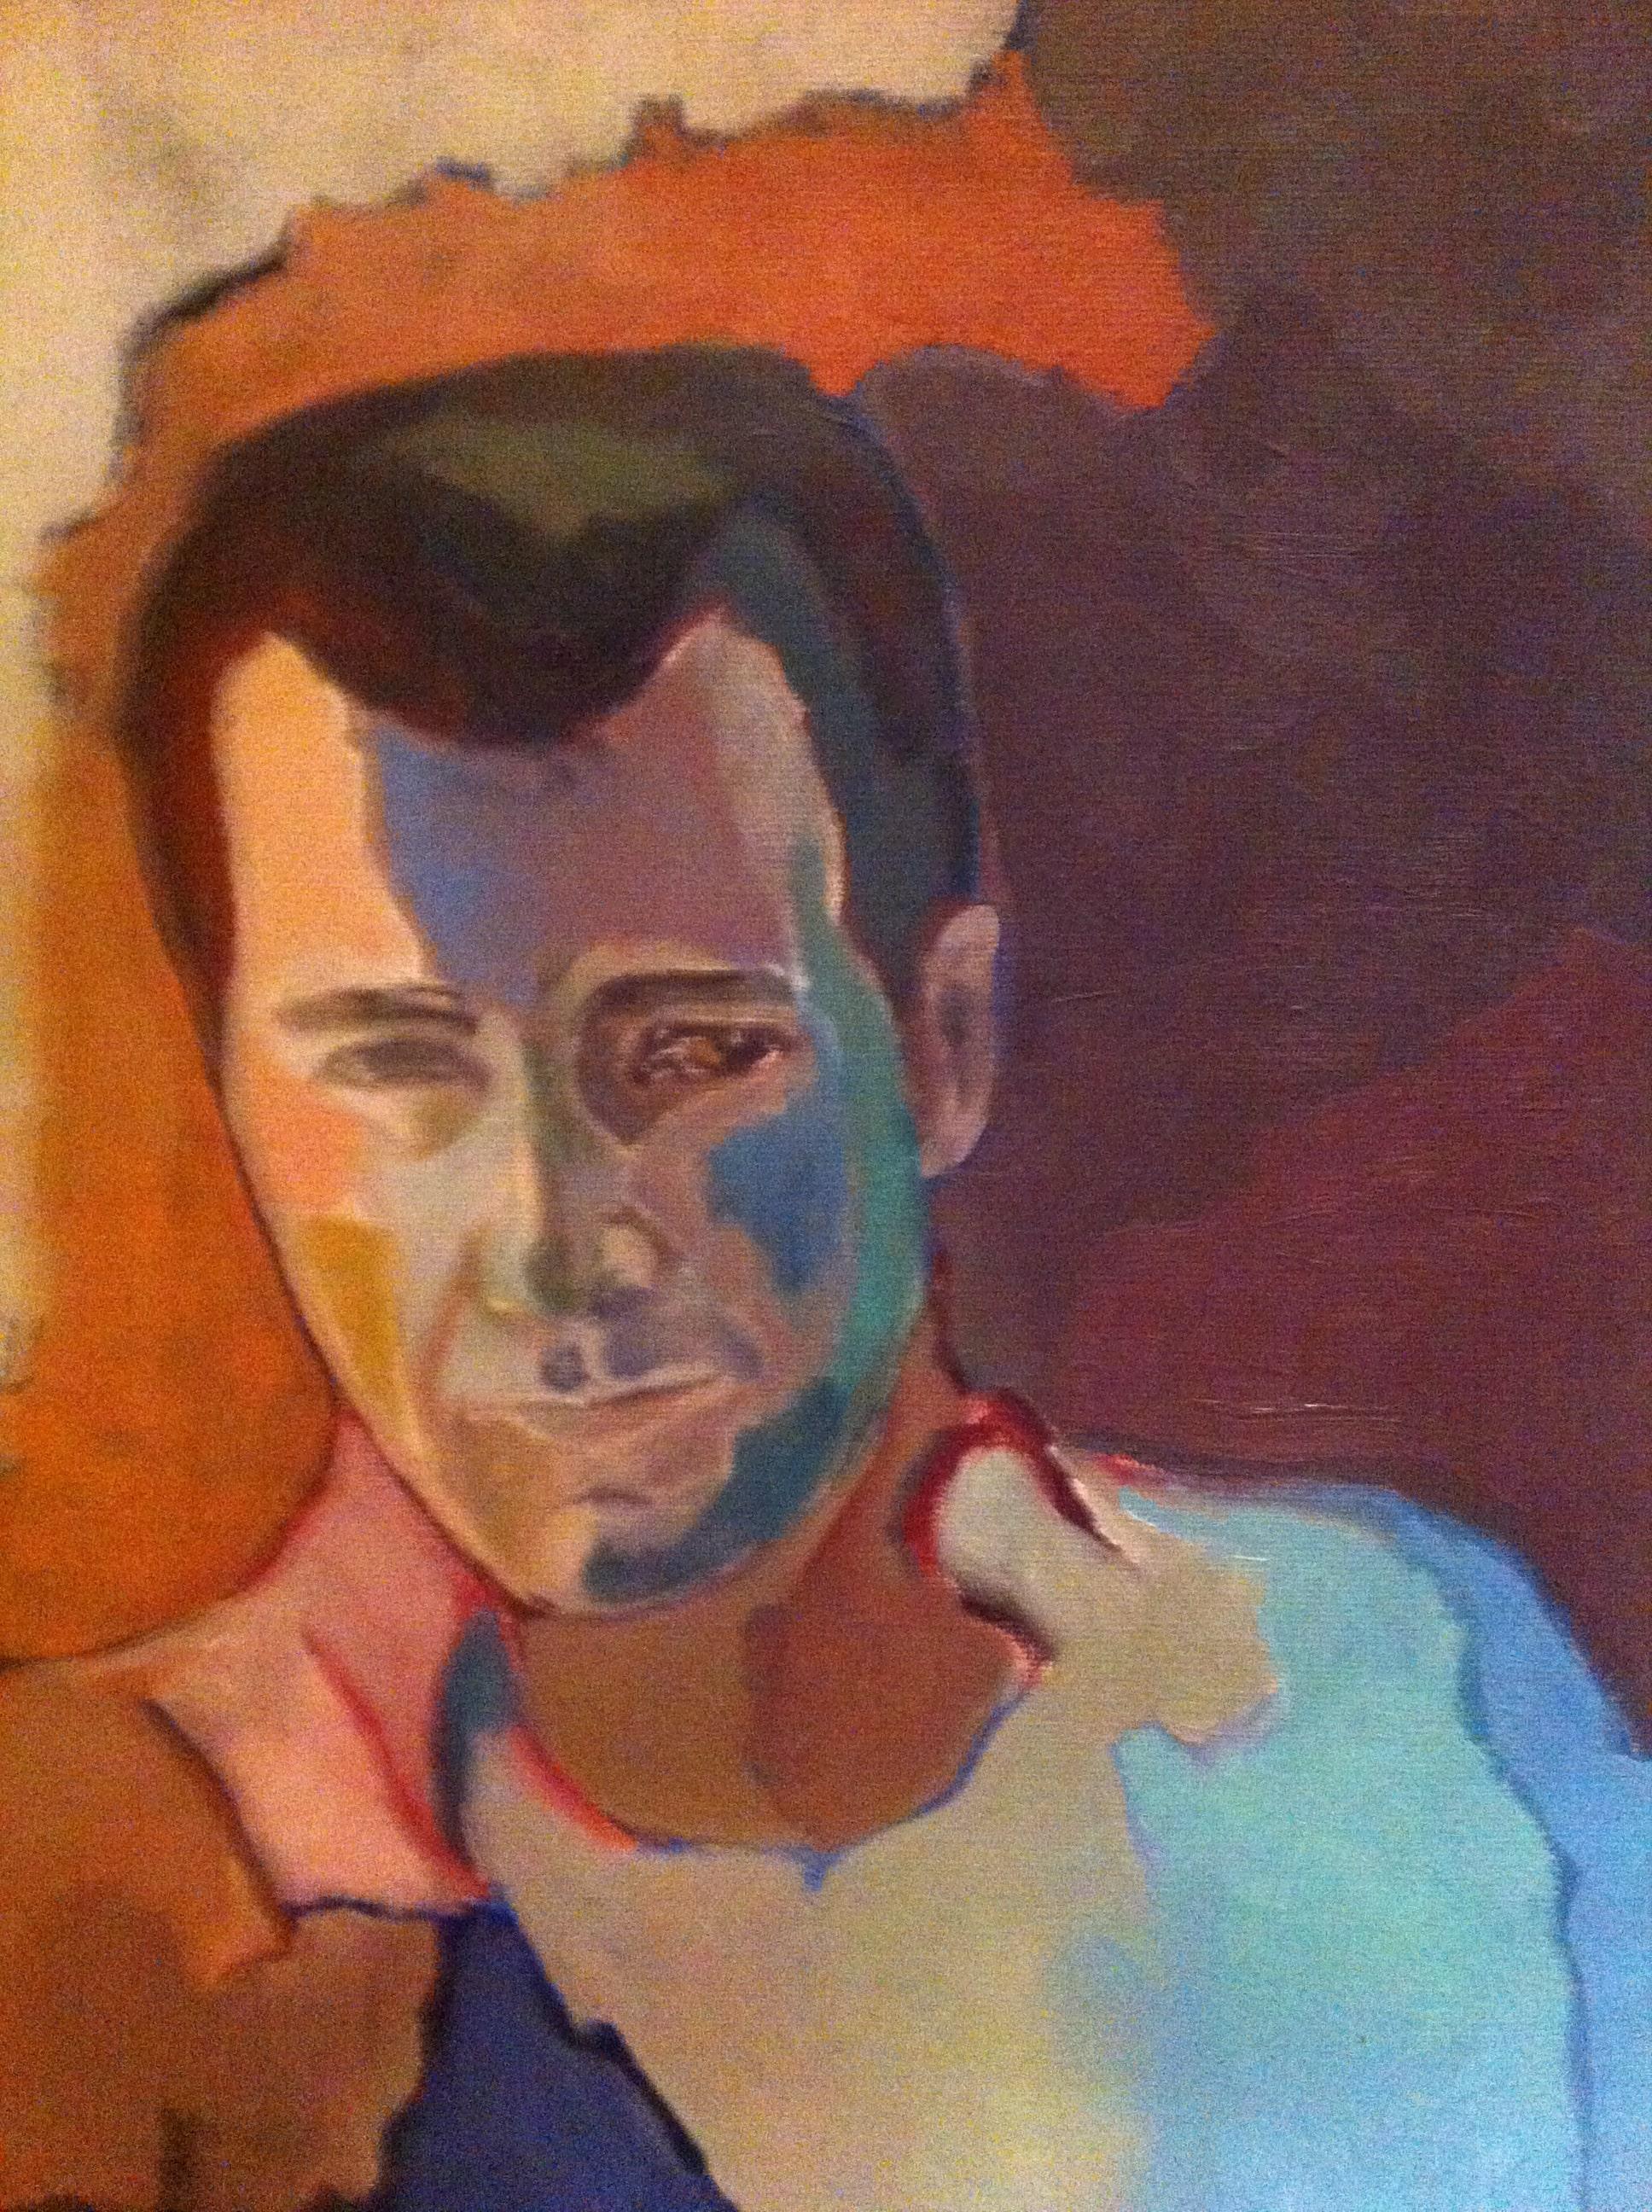 Hôtes et artistes en poitou - Clive Owen, huile sur toile